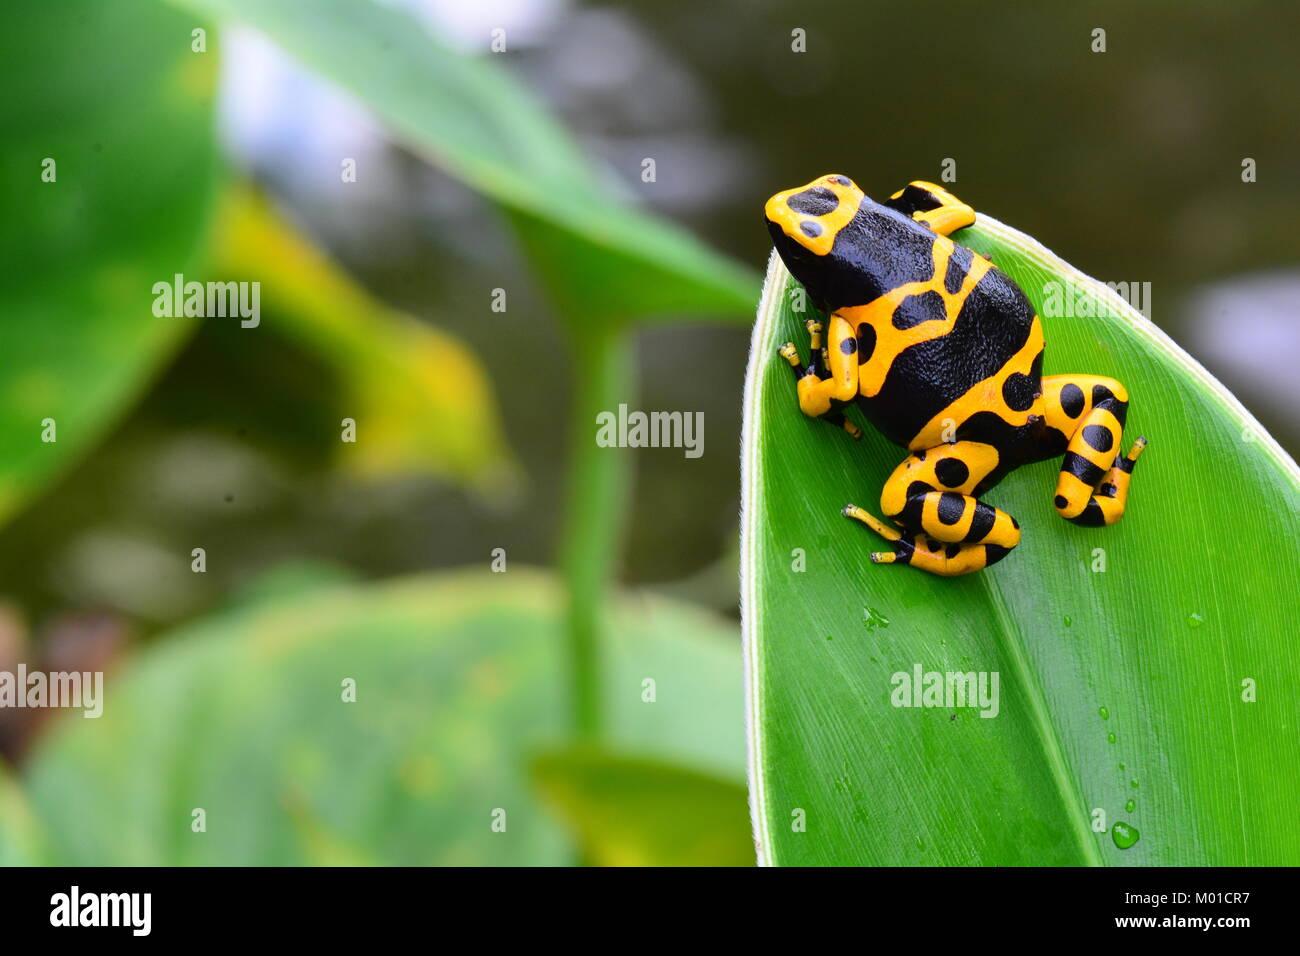 Un bonito color de abejorros poison dart frog descansa sobre una hoja vegetal en los jardines. Foto de stock